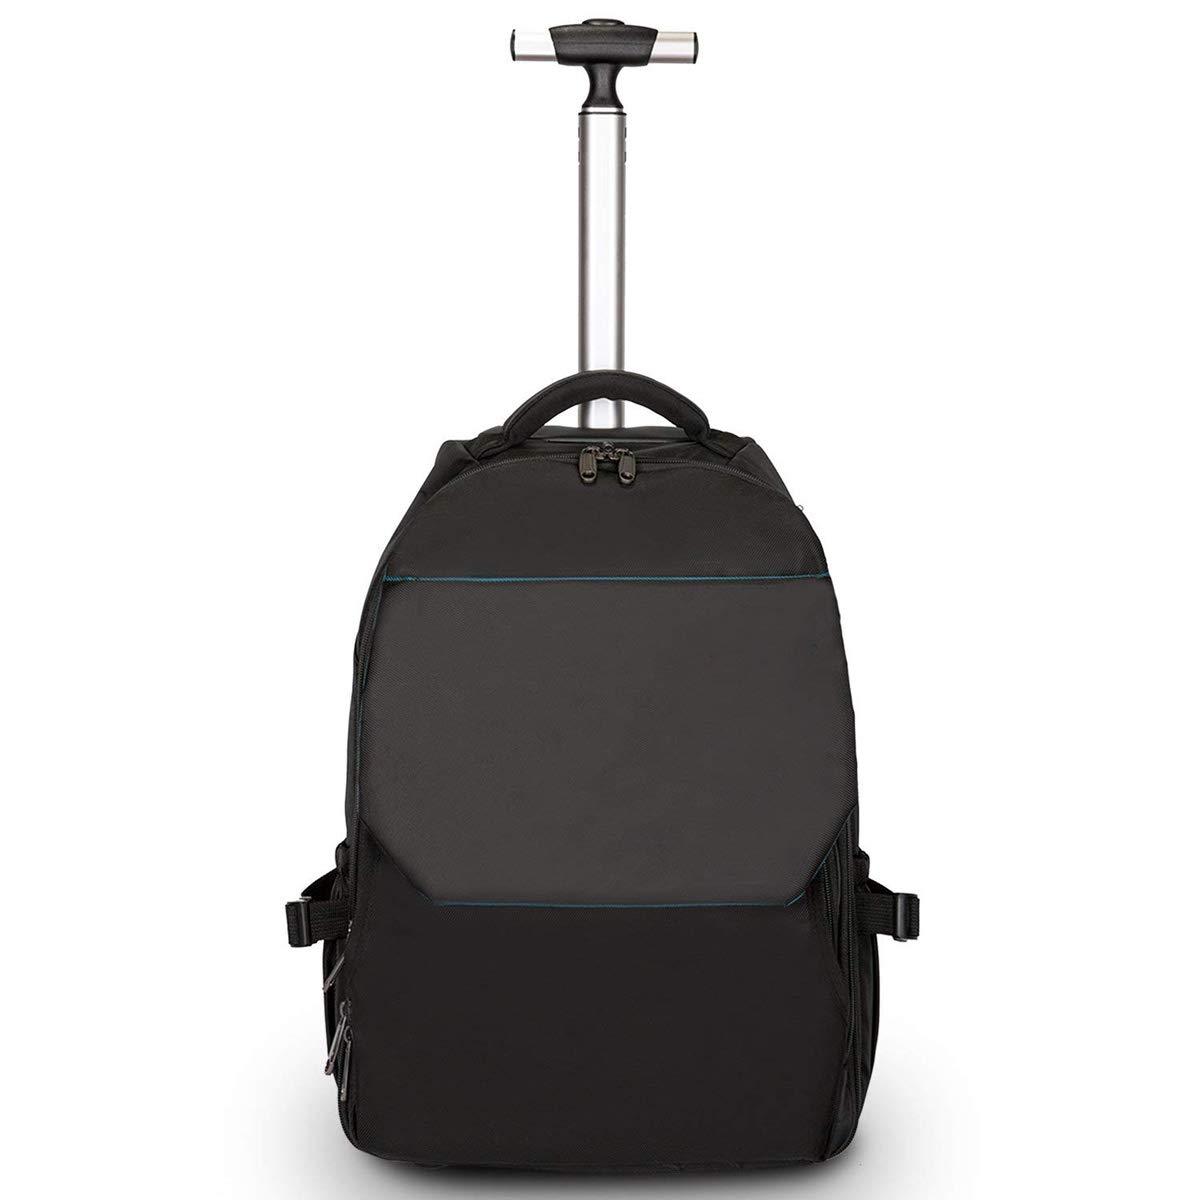 XHHWZB Leichtes Geschäftsreise-rollendes Rollen-Laptop PC-Tablet-Computer-Laufkatzen-Rucksack-Koffer-Handgepäck-Kabine genehmigte Taschen-Kasten-Organisator mit Nachtabteil, schwarz schwarz (Farbe : Purple) jiaguwen